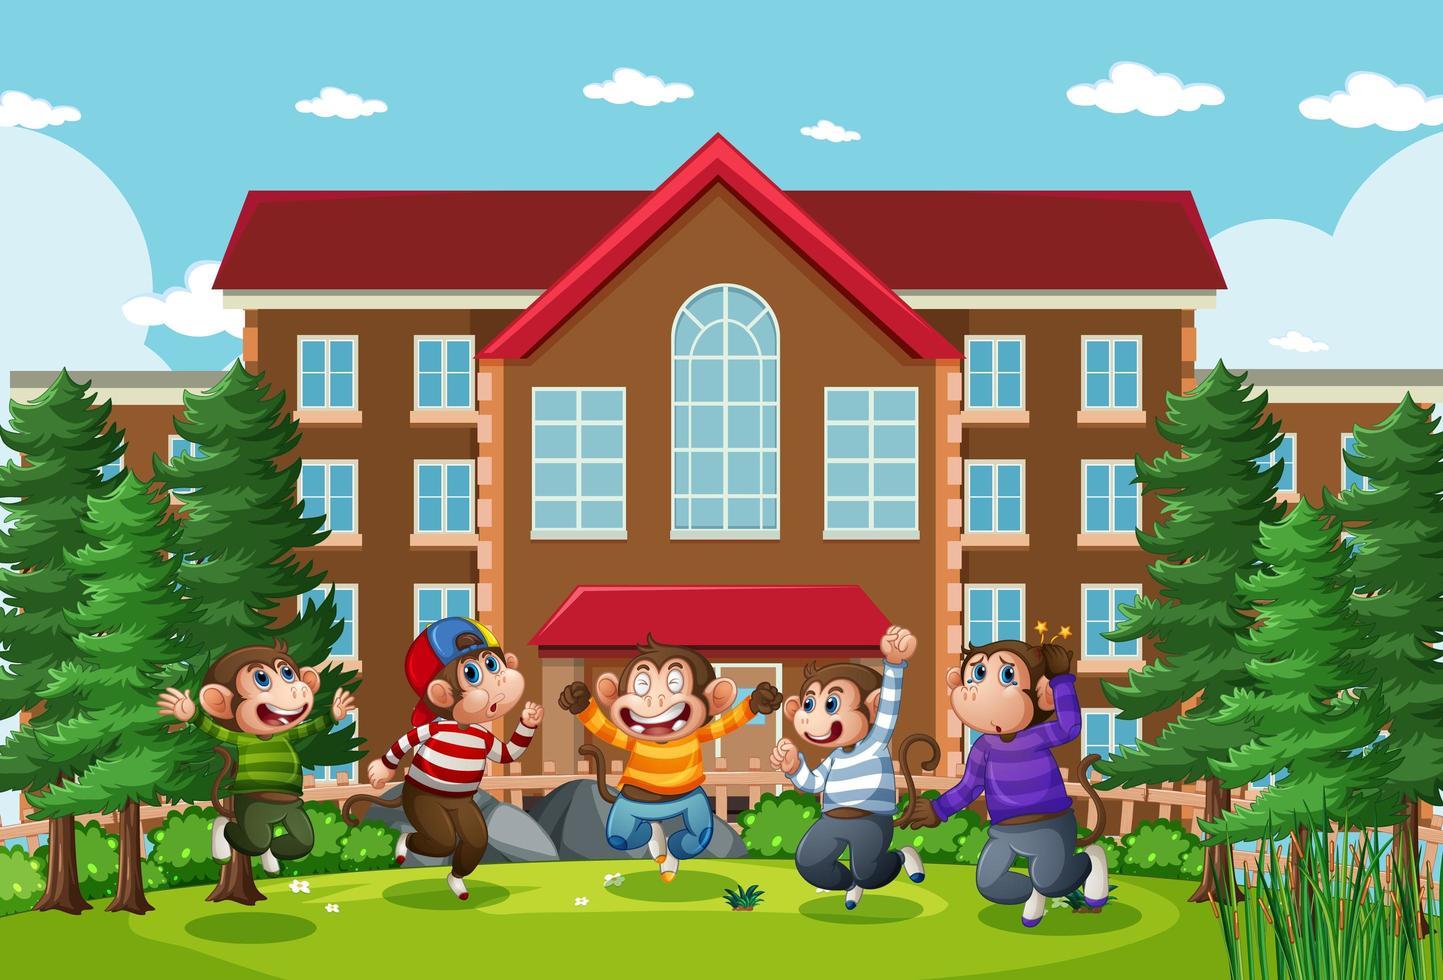 cinque scimmiette che saltano nella scena della scuola del parco vettore